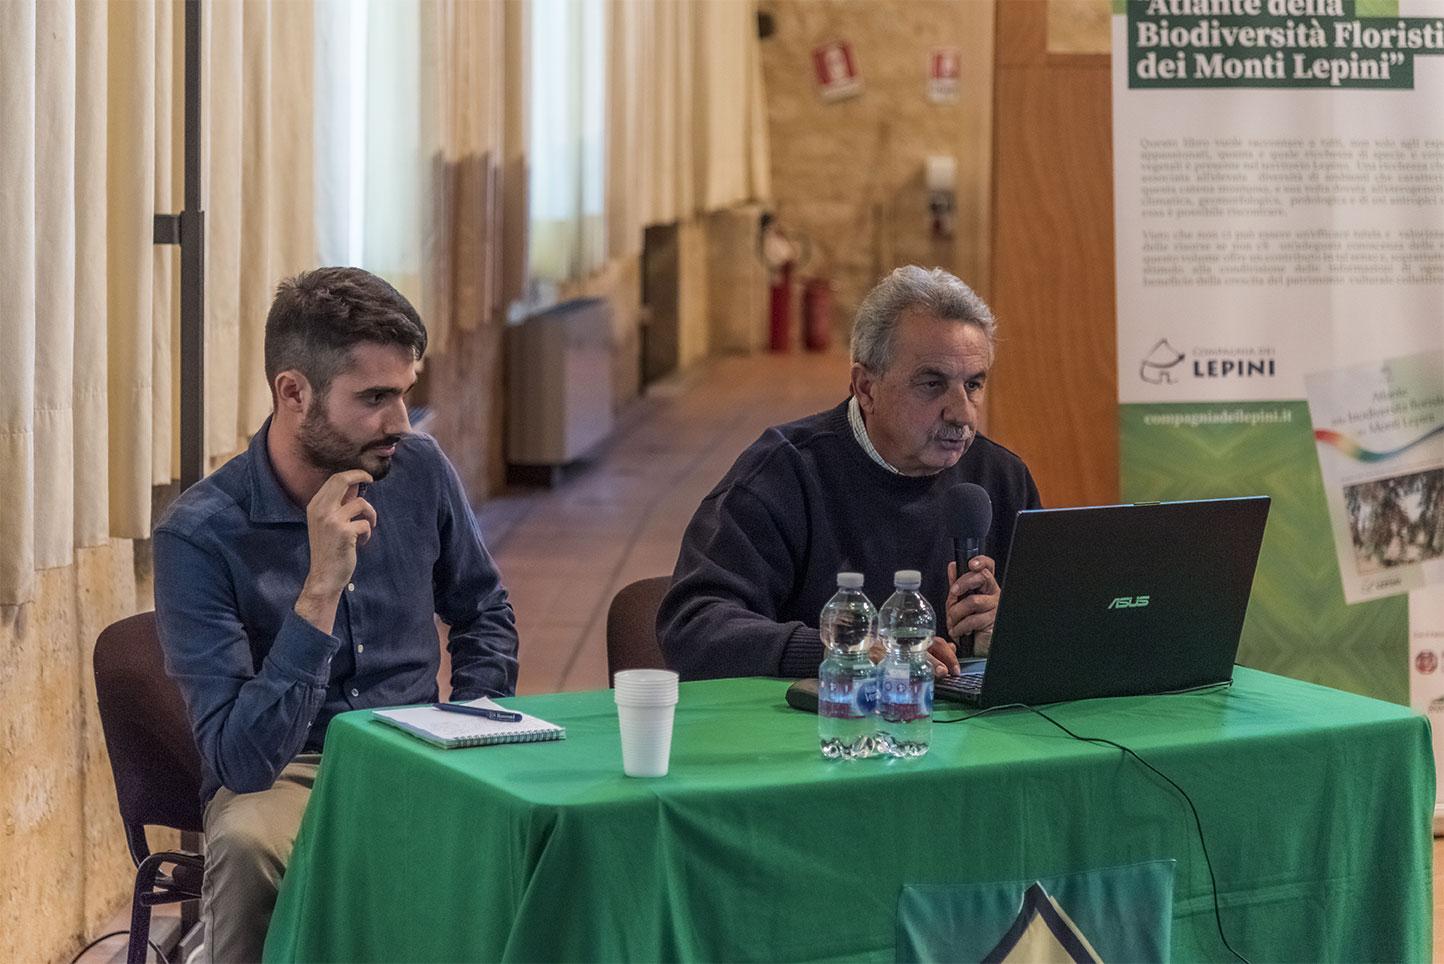 compagnia-dei-lepini-convegno-biodiversita-25-01-2020-105